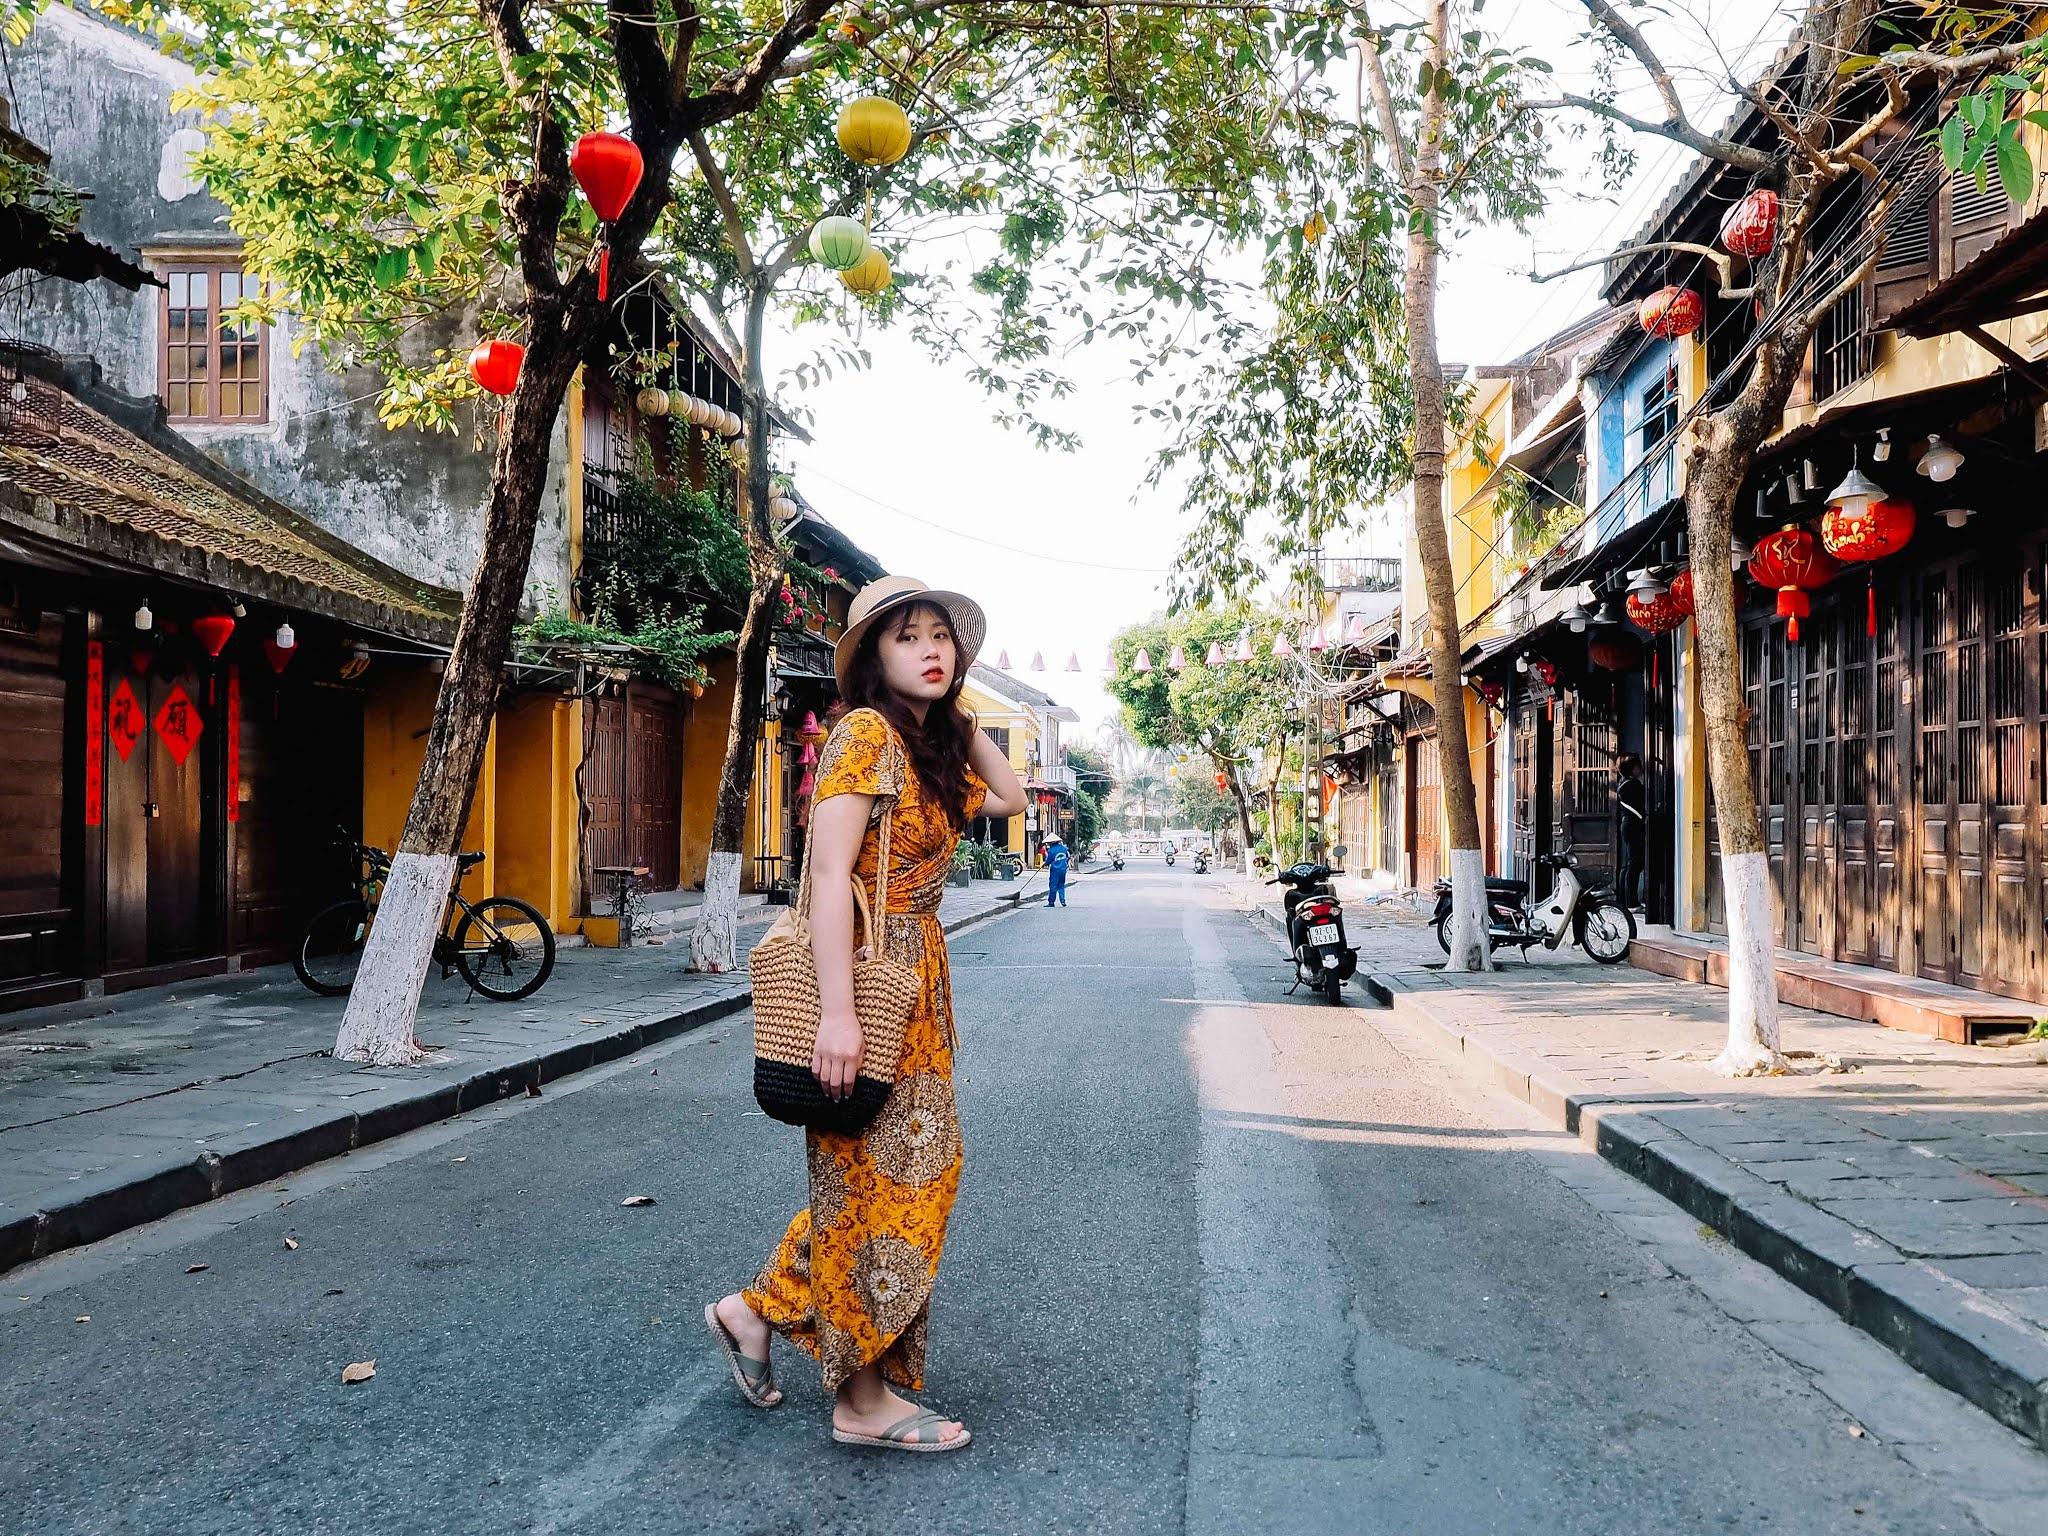 Báo Giá Chụp Ảnh Ngoại Cảnh Hội An - Photographer: Khôi Trần